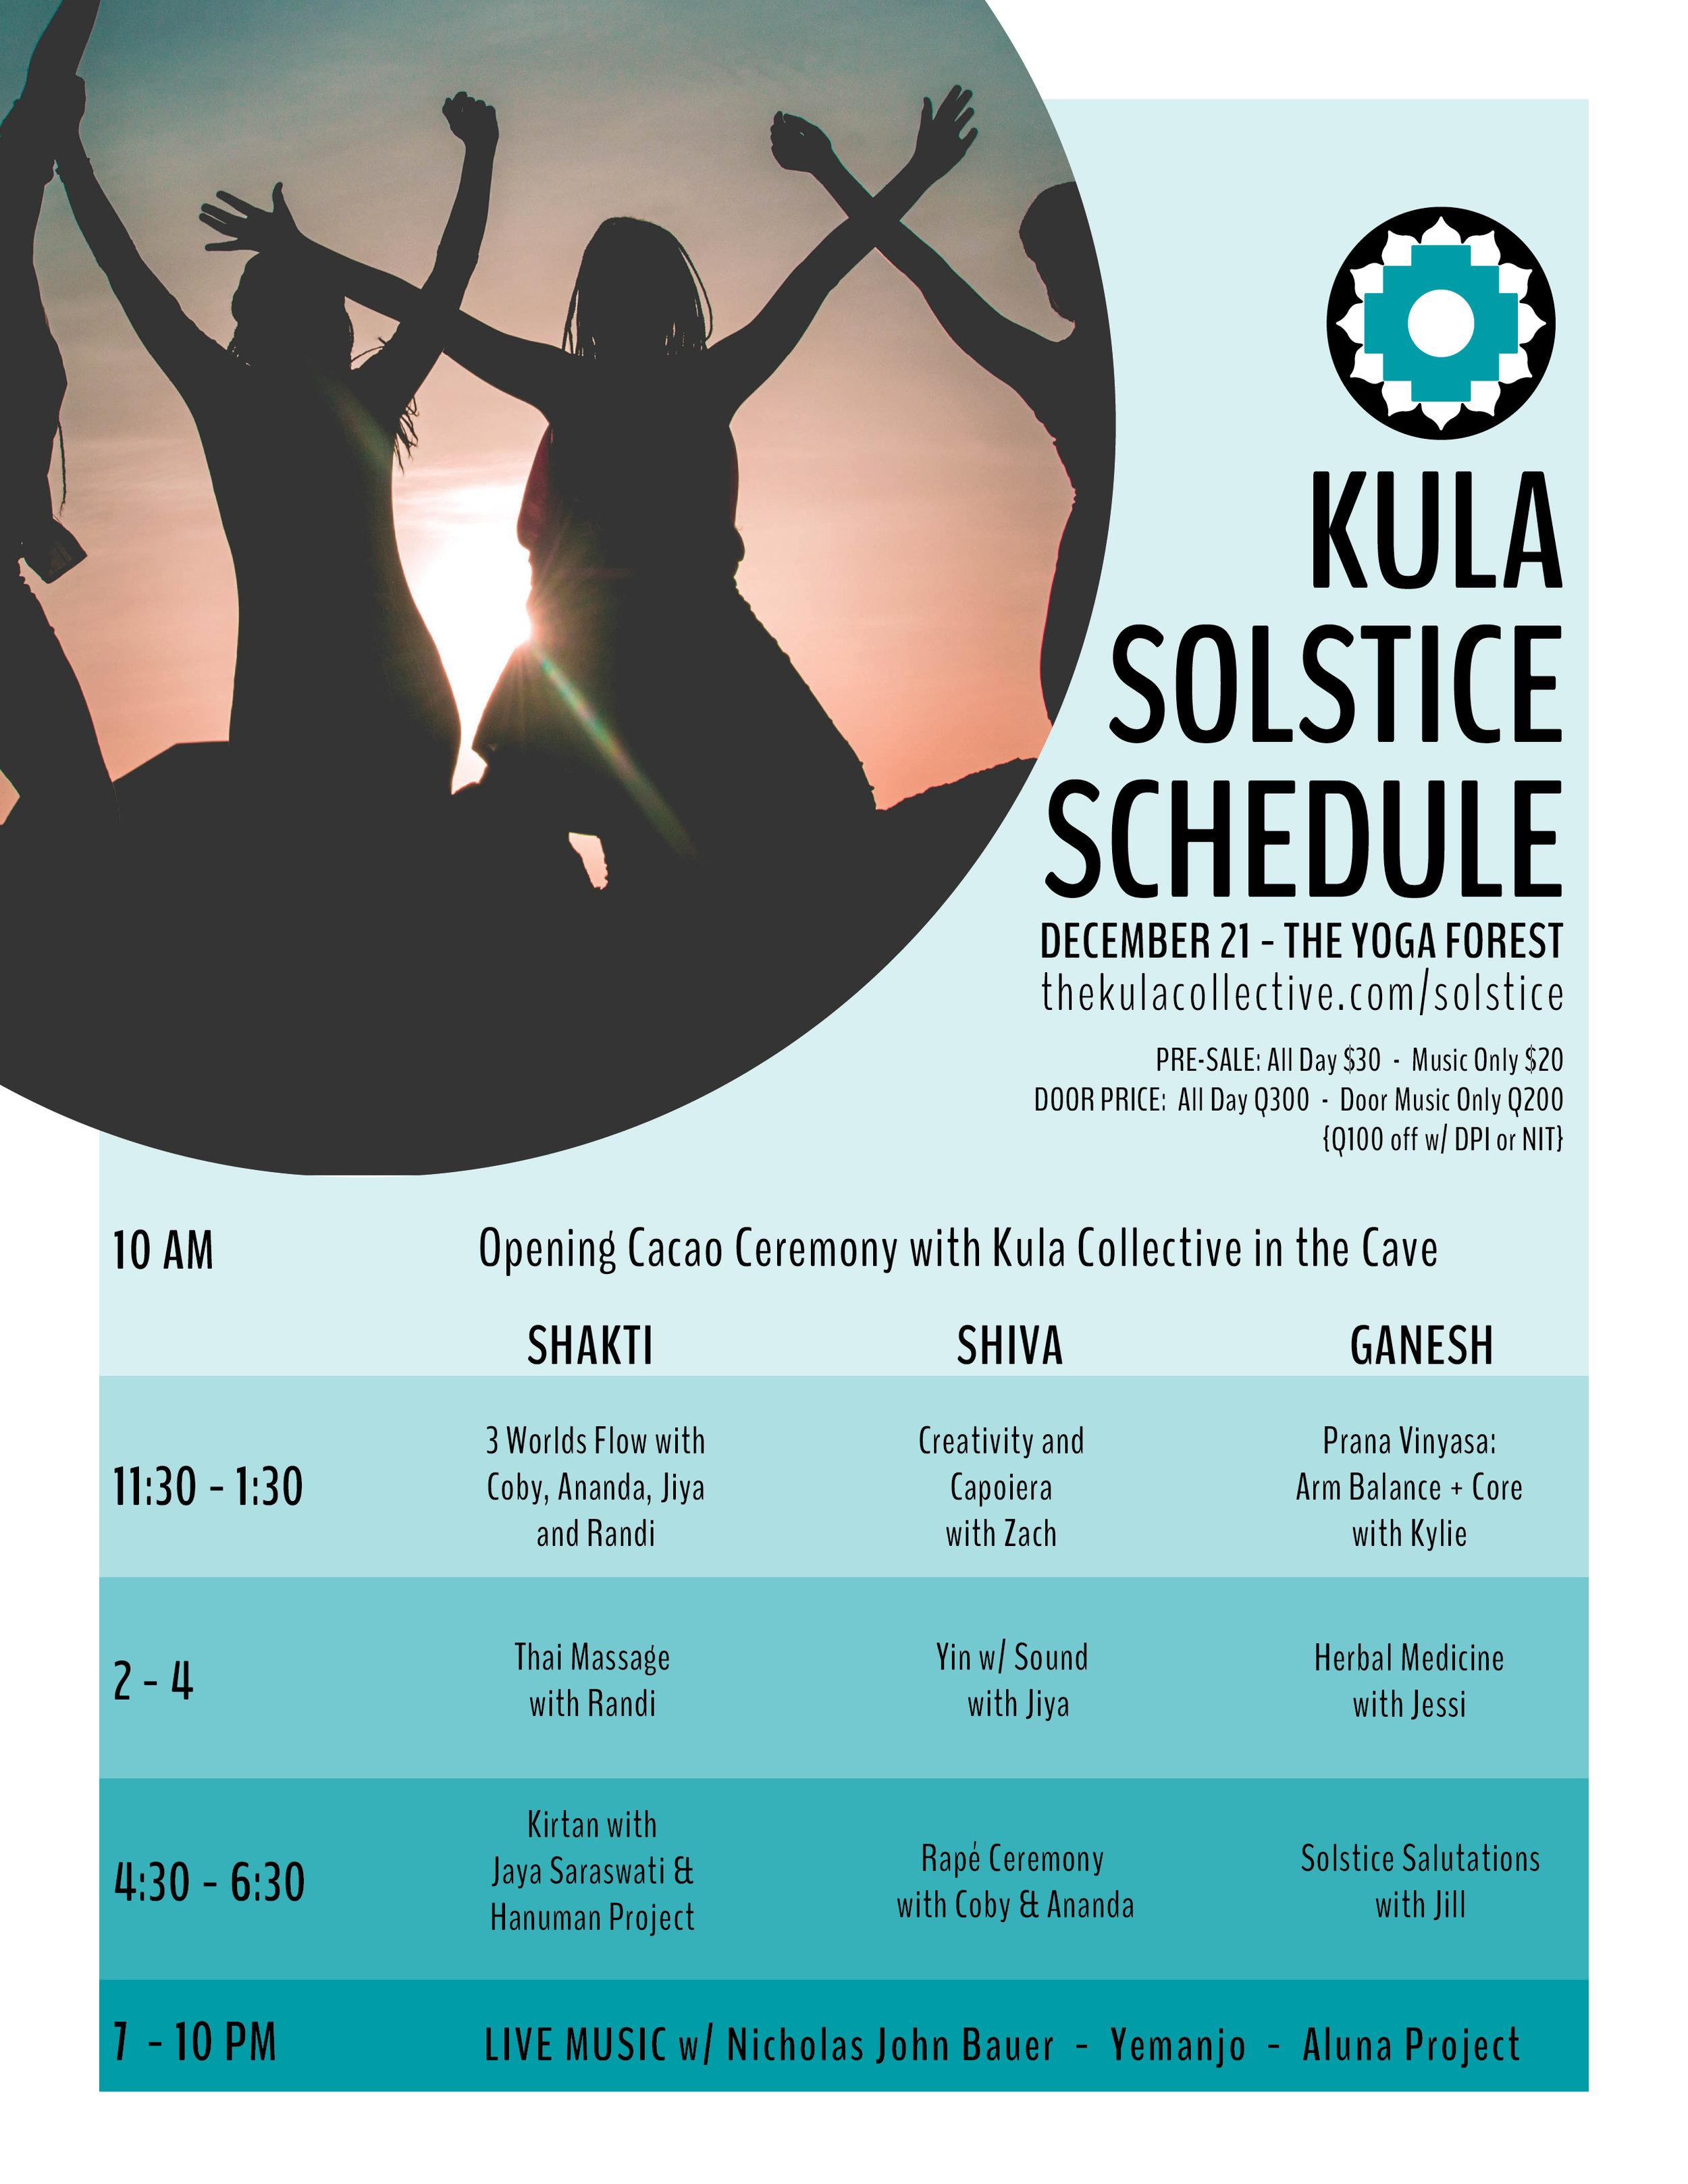 kula-solstice-flyer_FINAL schedule.jpg